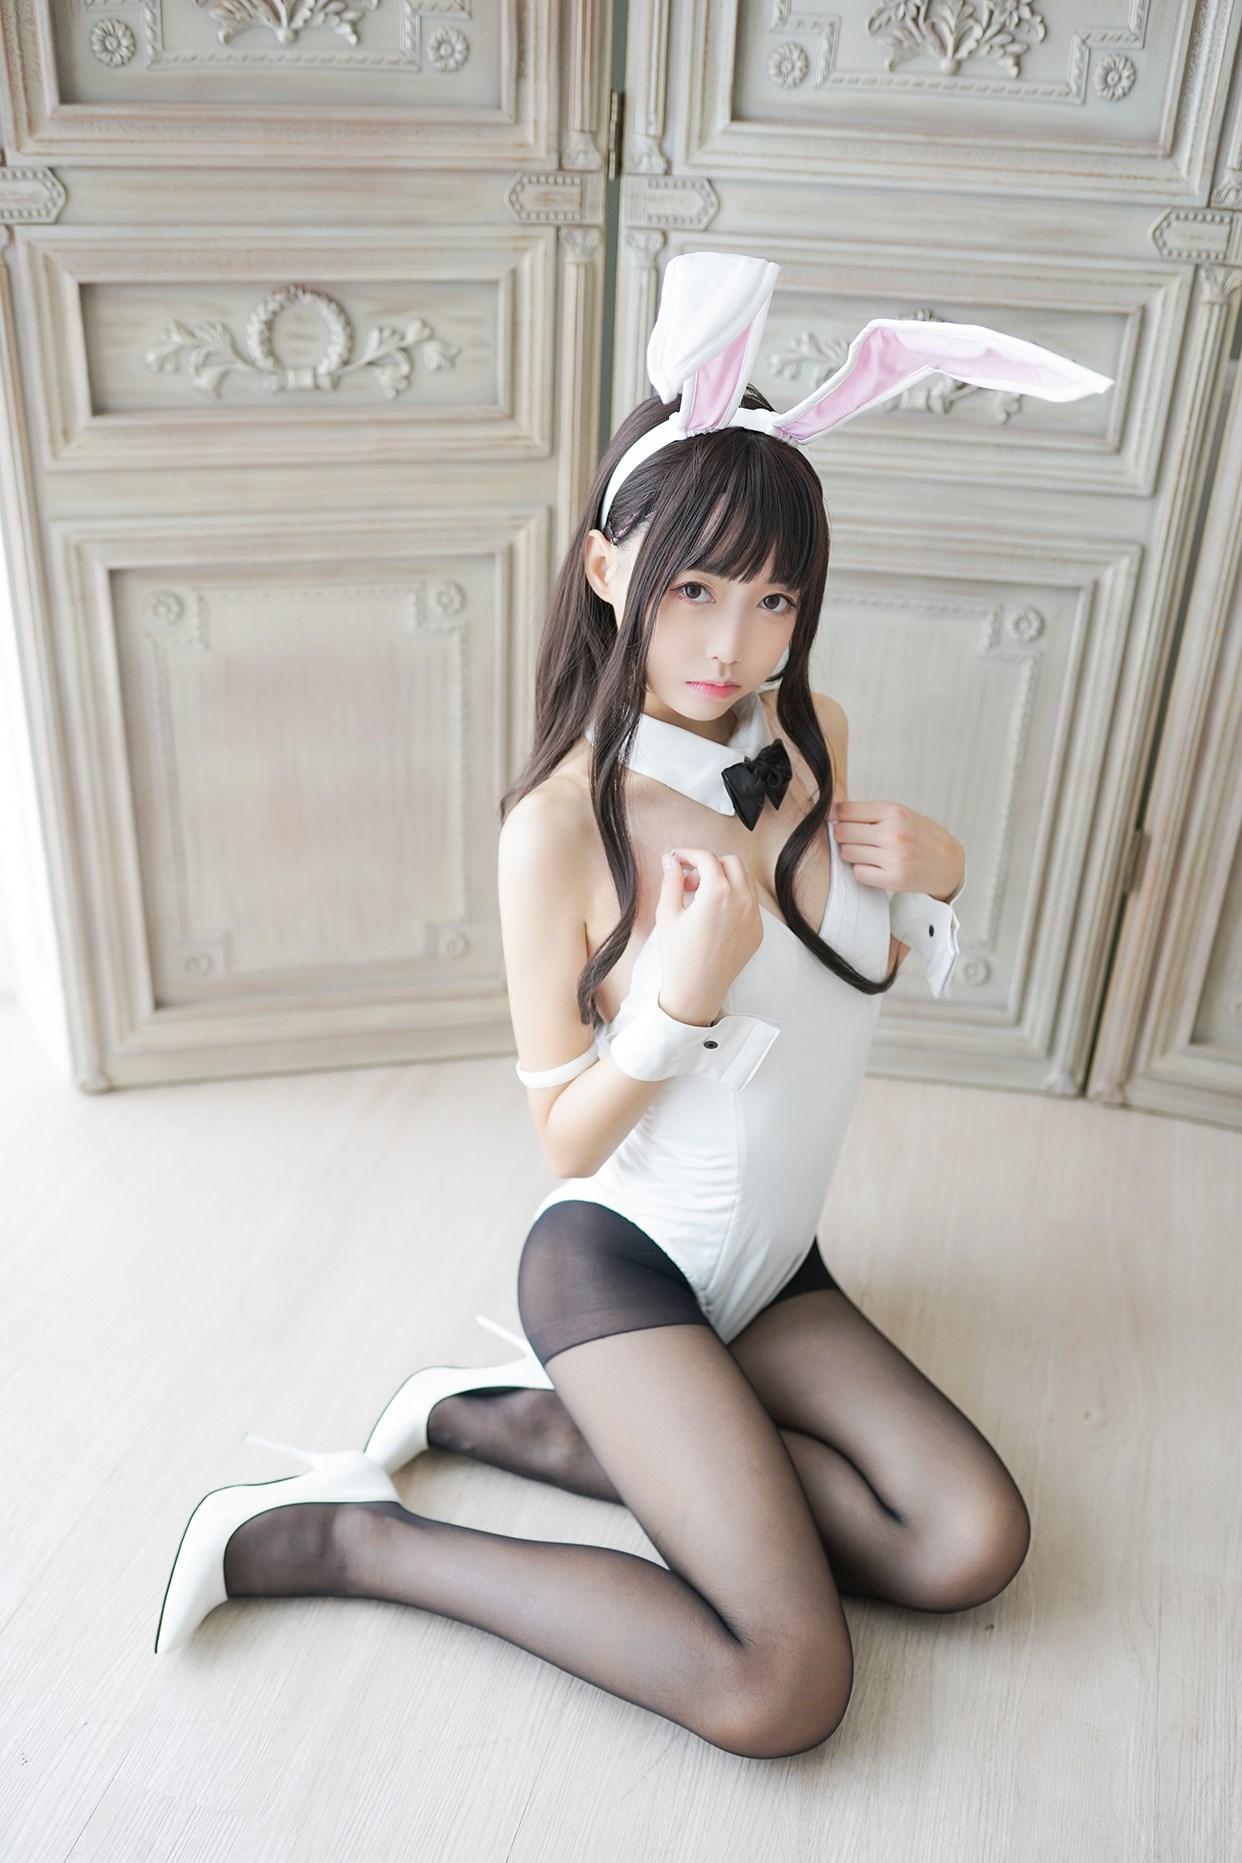 【兔玩映画】兔女郎vol.17-白兔 兔玩映画 第23张